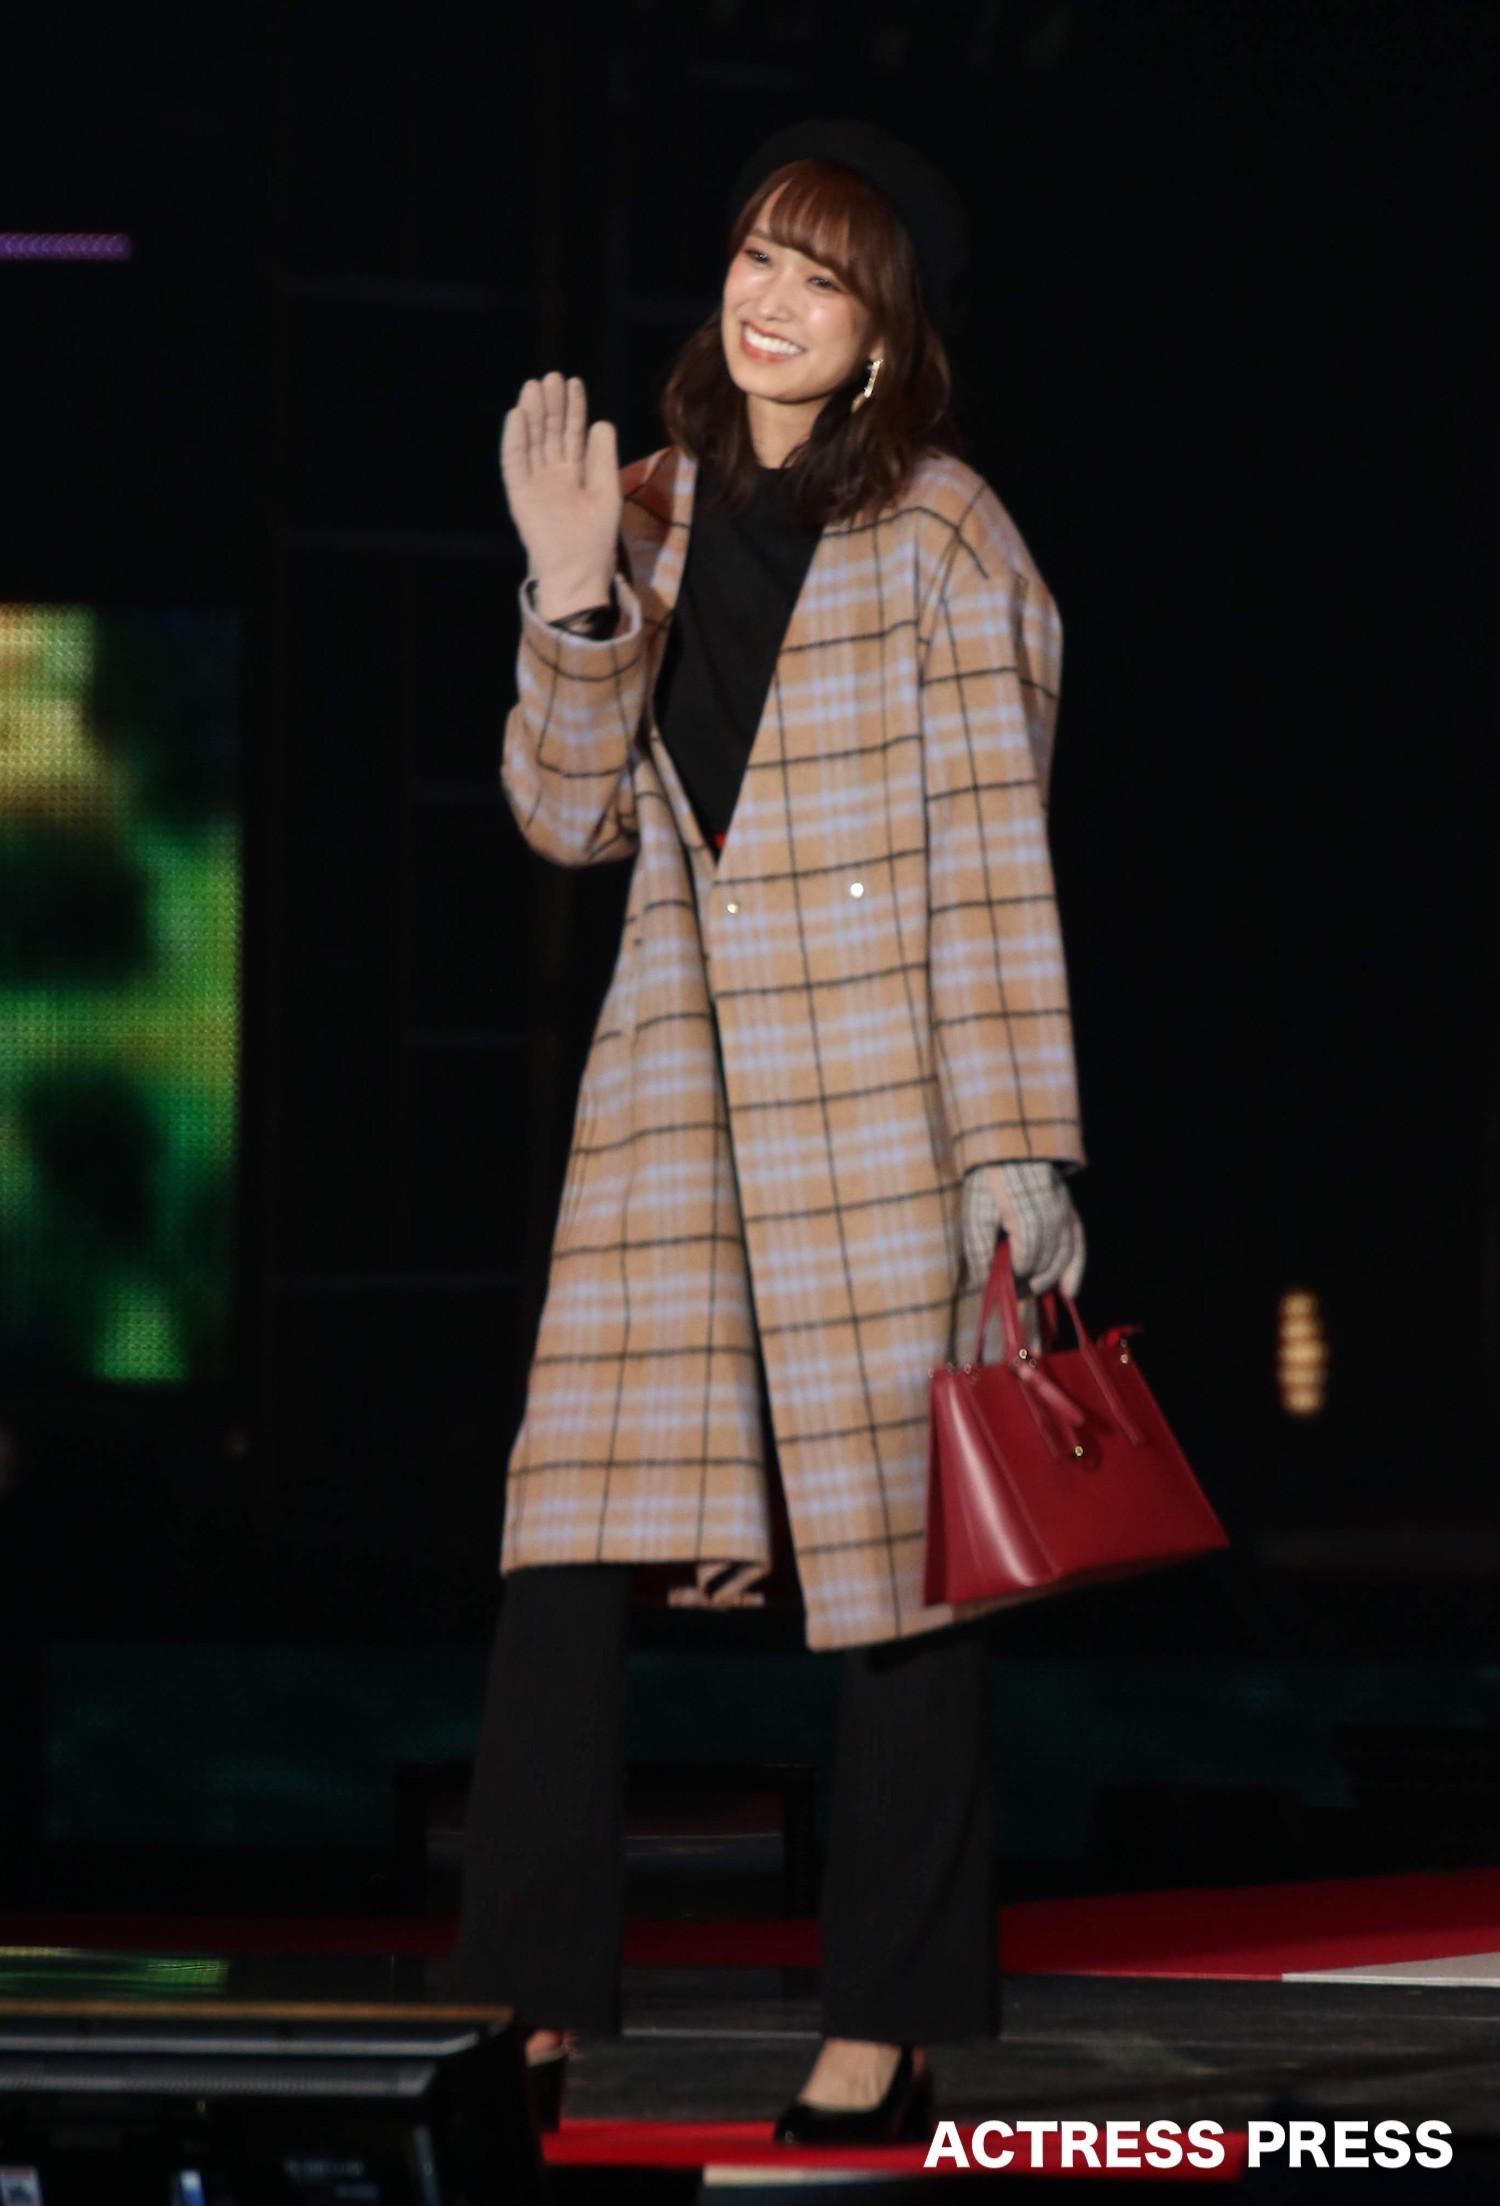 佐々木久美(日向坂46)2019年9月28日、GirlsAward2019AWステージにて。撮影:ACTRESS PRESS編集部